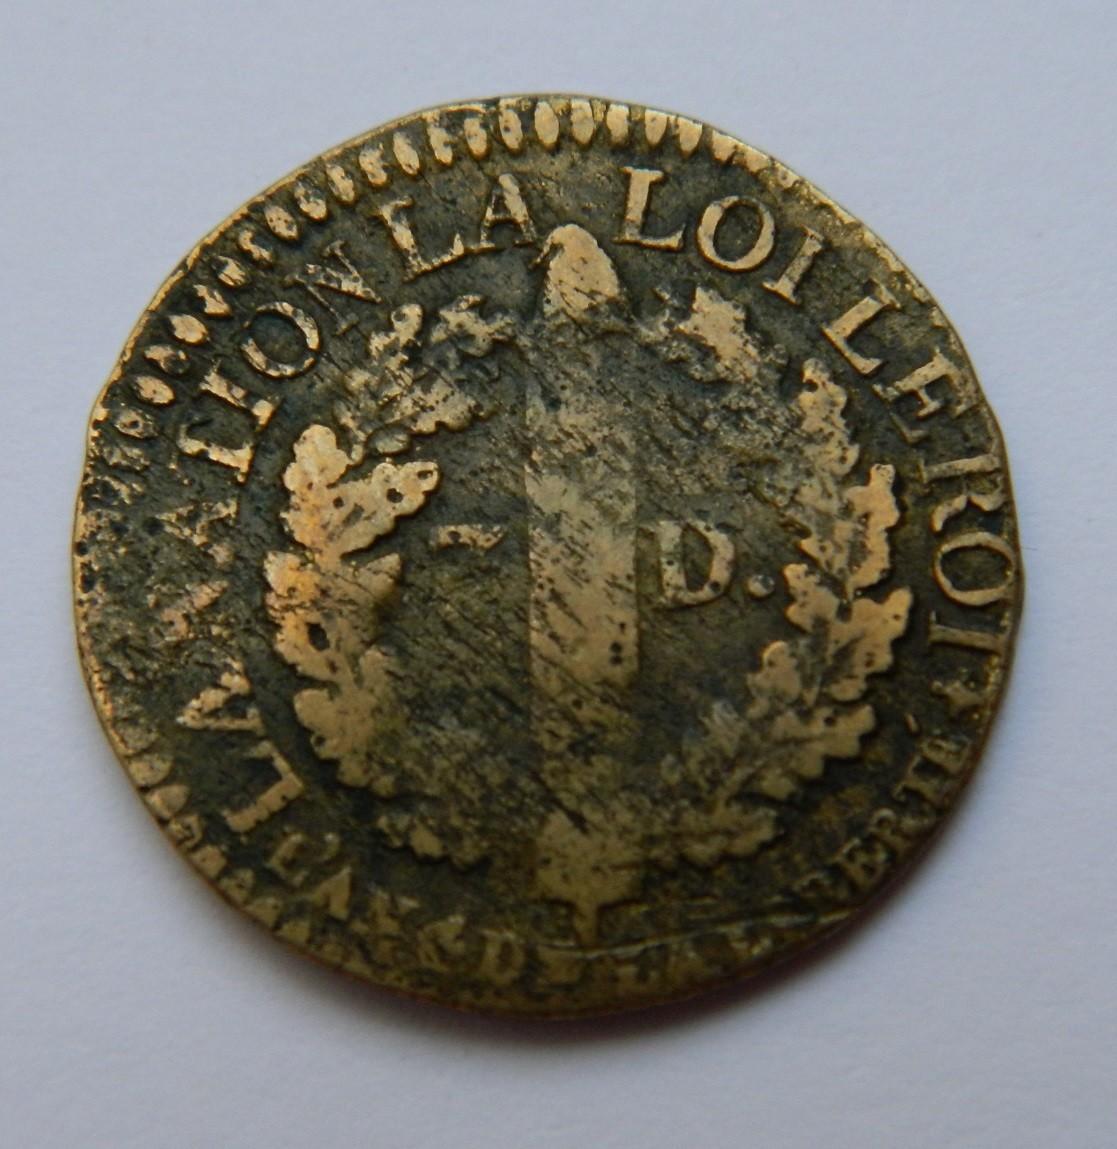 MRV001 3 DENIERS francais LOUIS XVI 1792 I